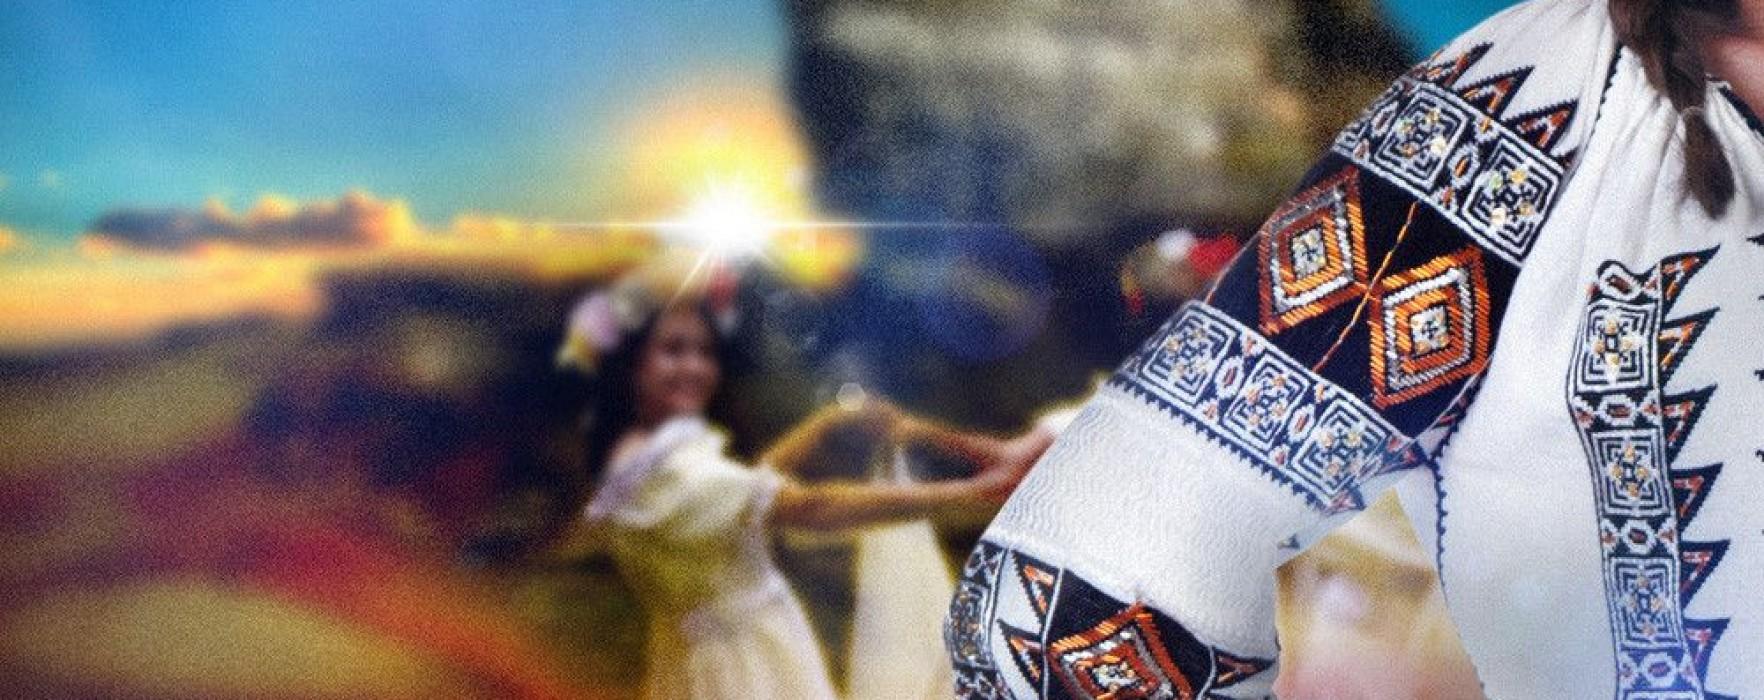 Eveniment dedicat iei, lângă Sfinxul din Bucegi